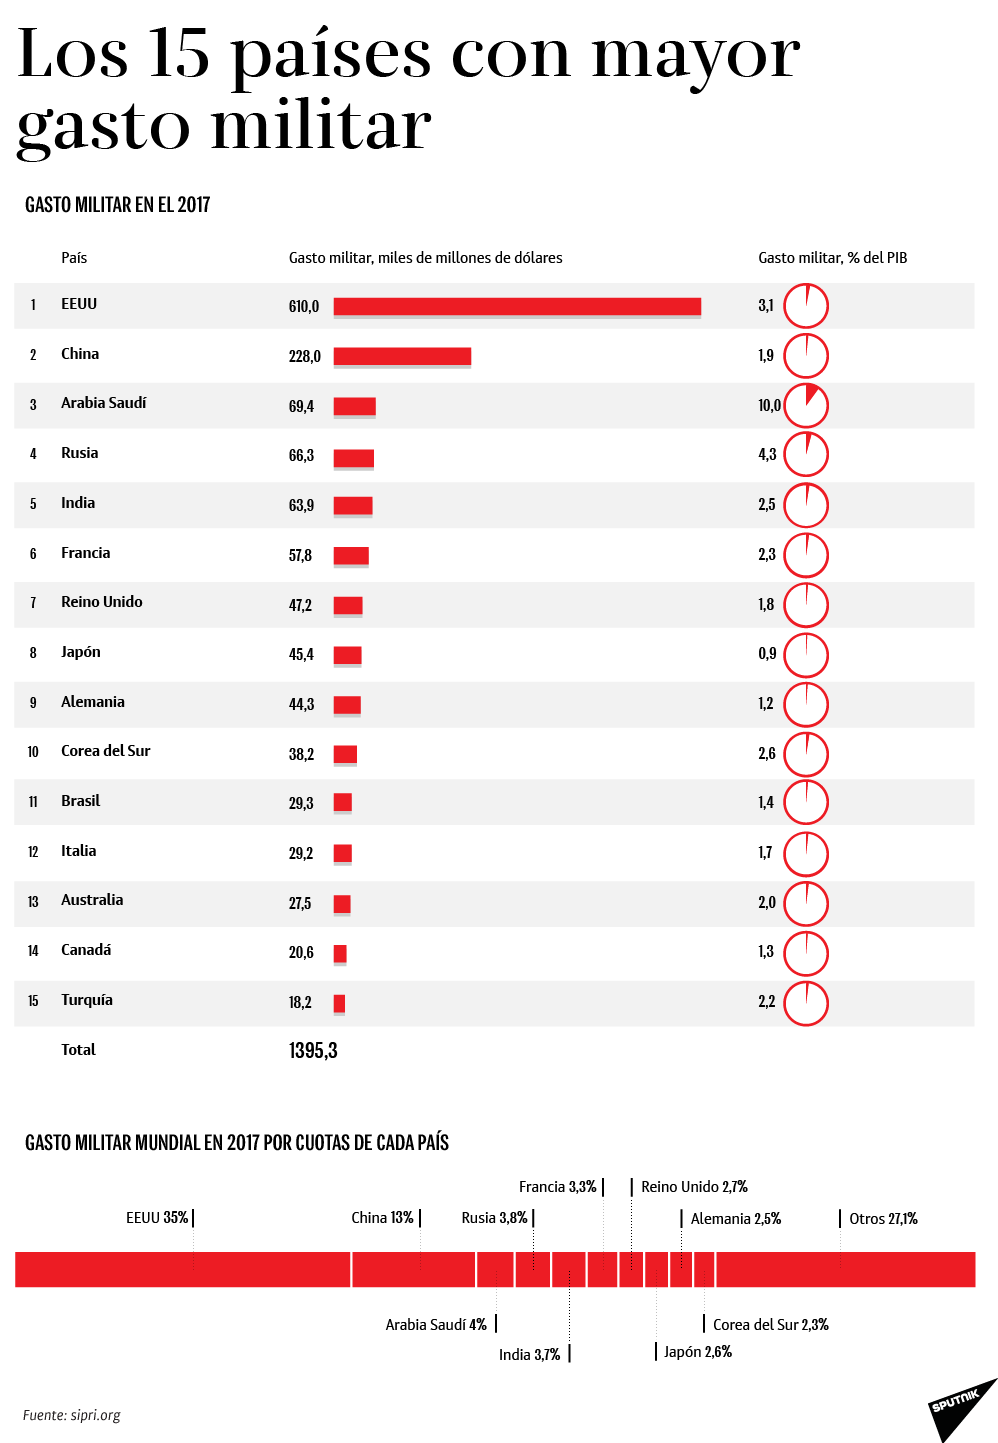 Los 15 países que más gastan en el ámbito militar